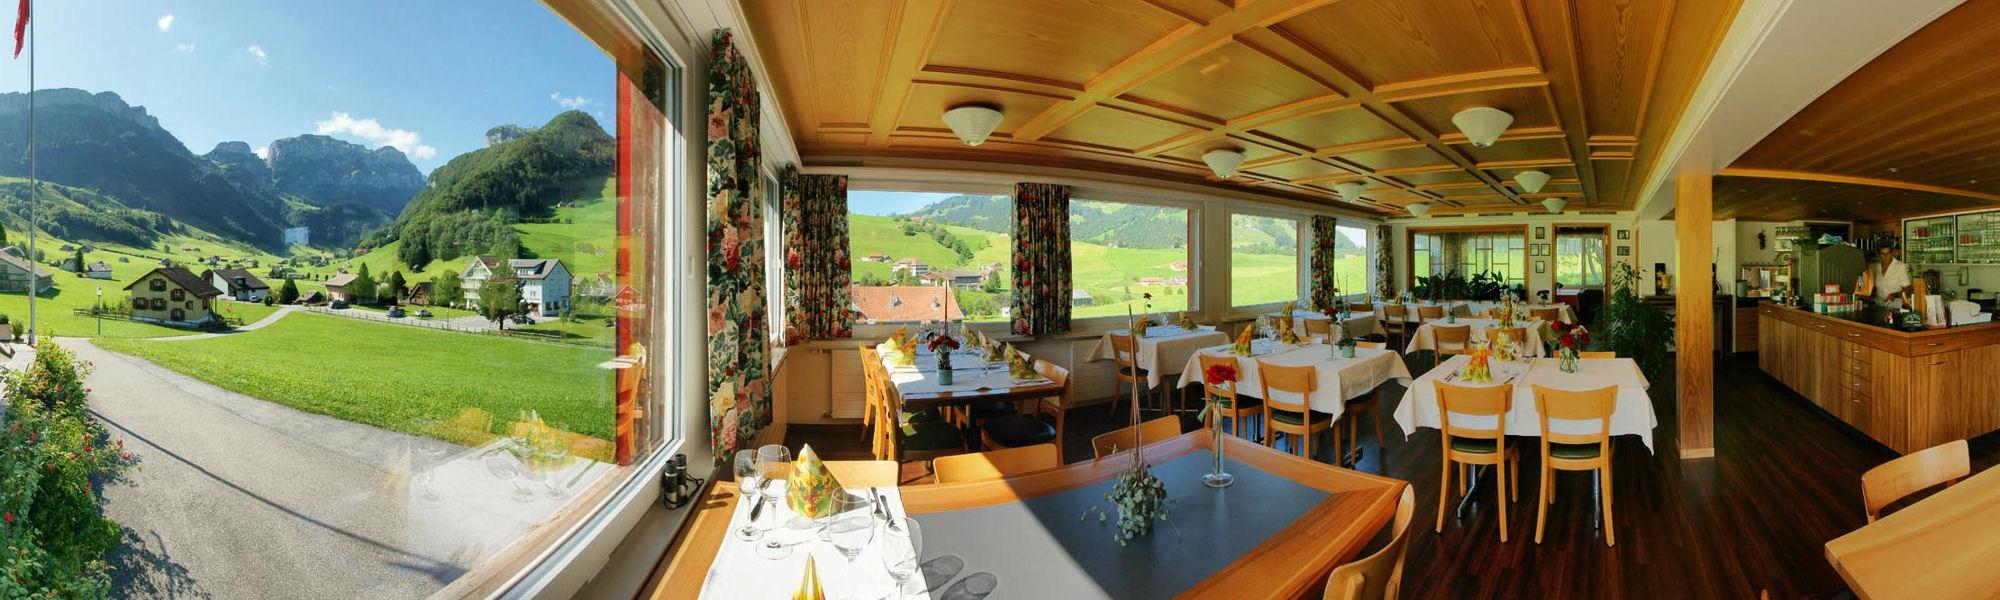 hotel-frohe-aussicht-slider-panorama-restaurant